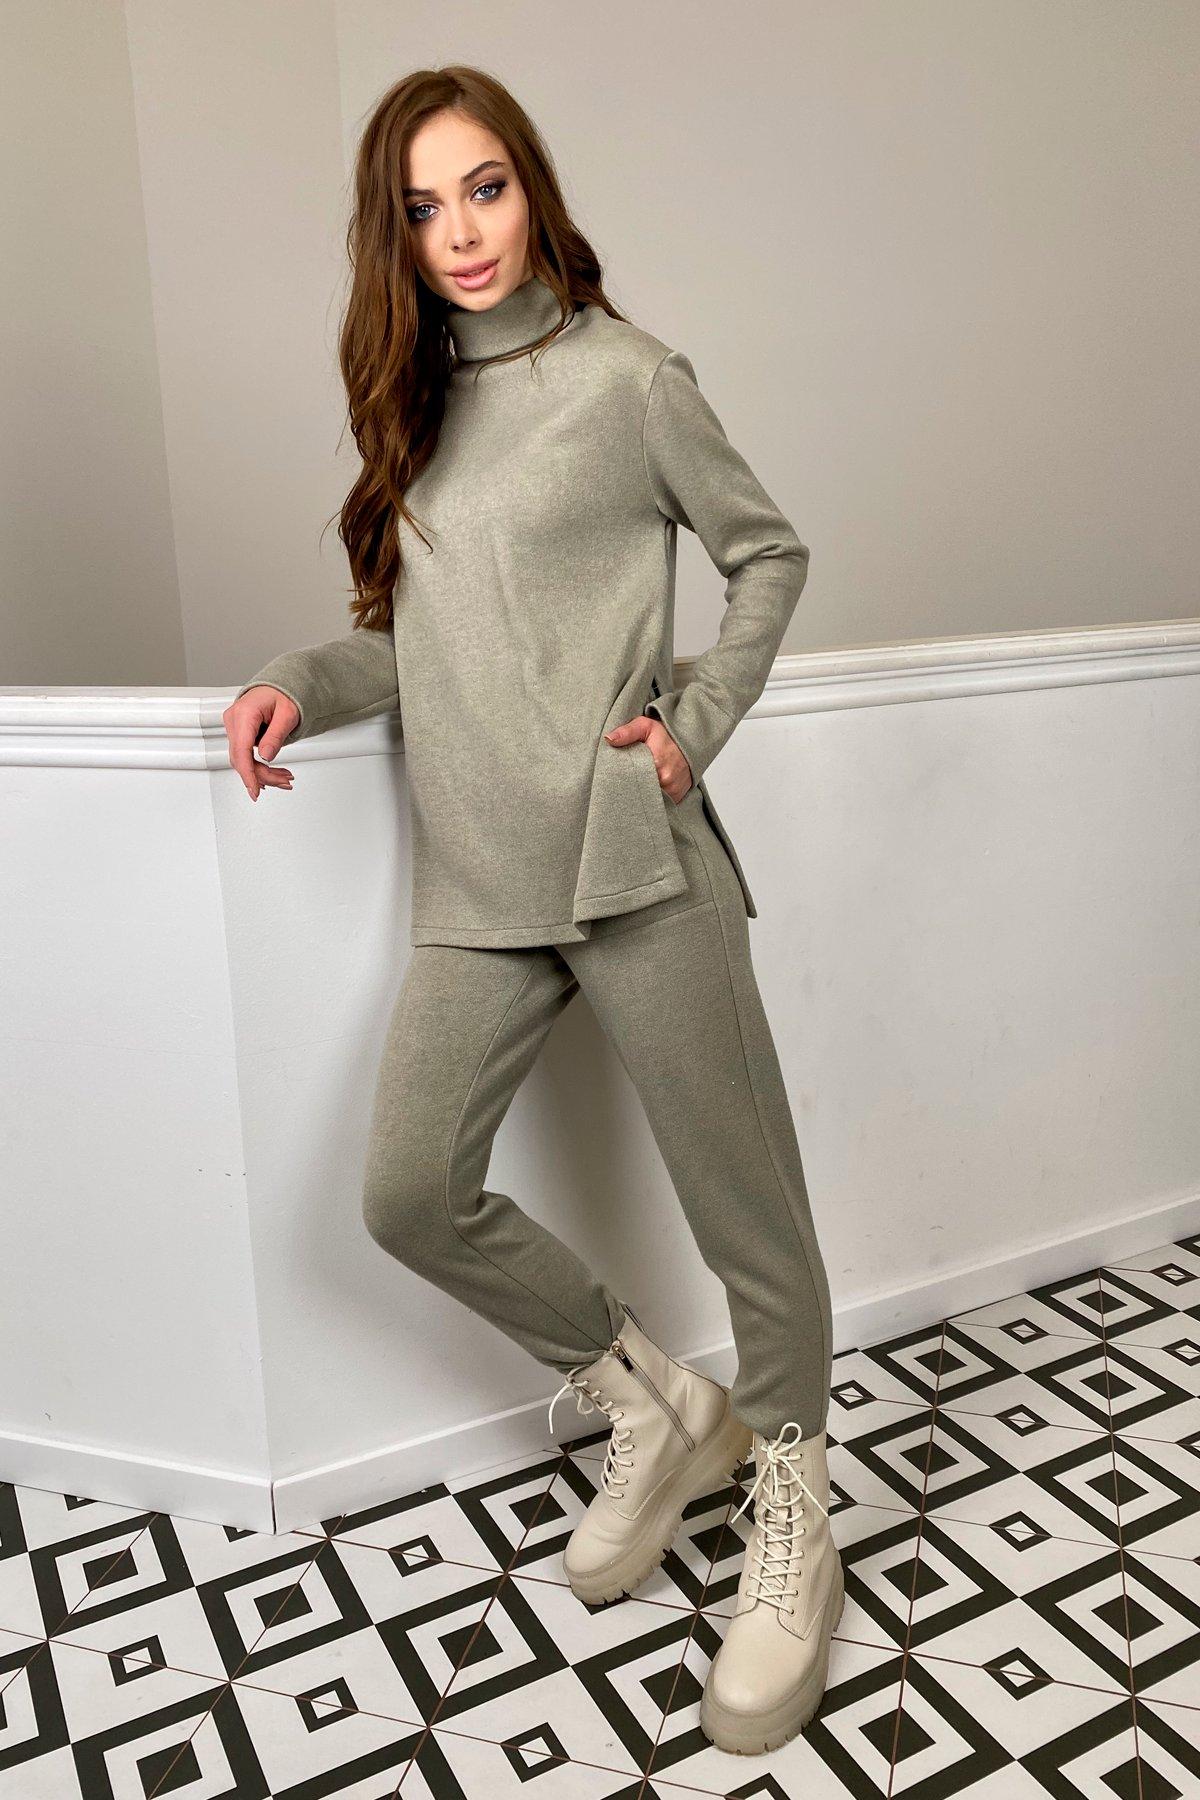 Люкс прогулочный костюм  из ангоры  9975 АРТ. 46313 Цвет: Олива - фото 1, интернет магазин tm-modus.ru